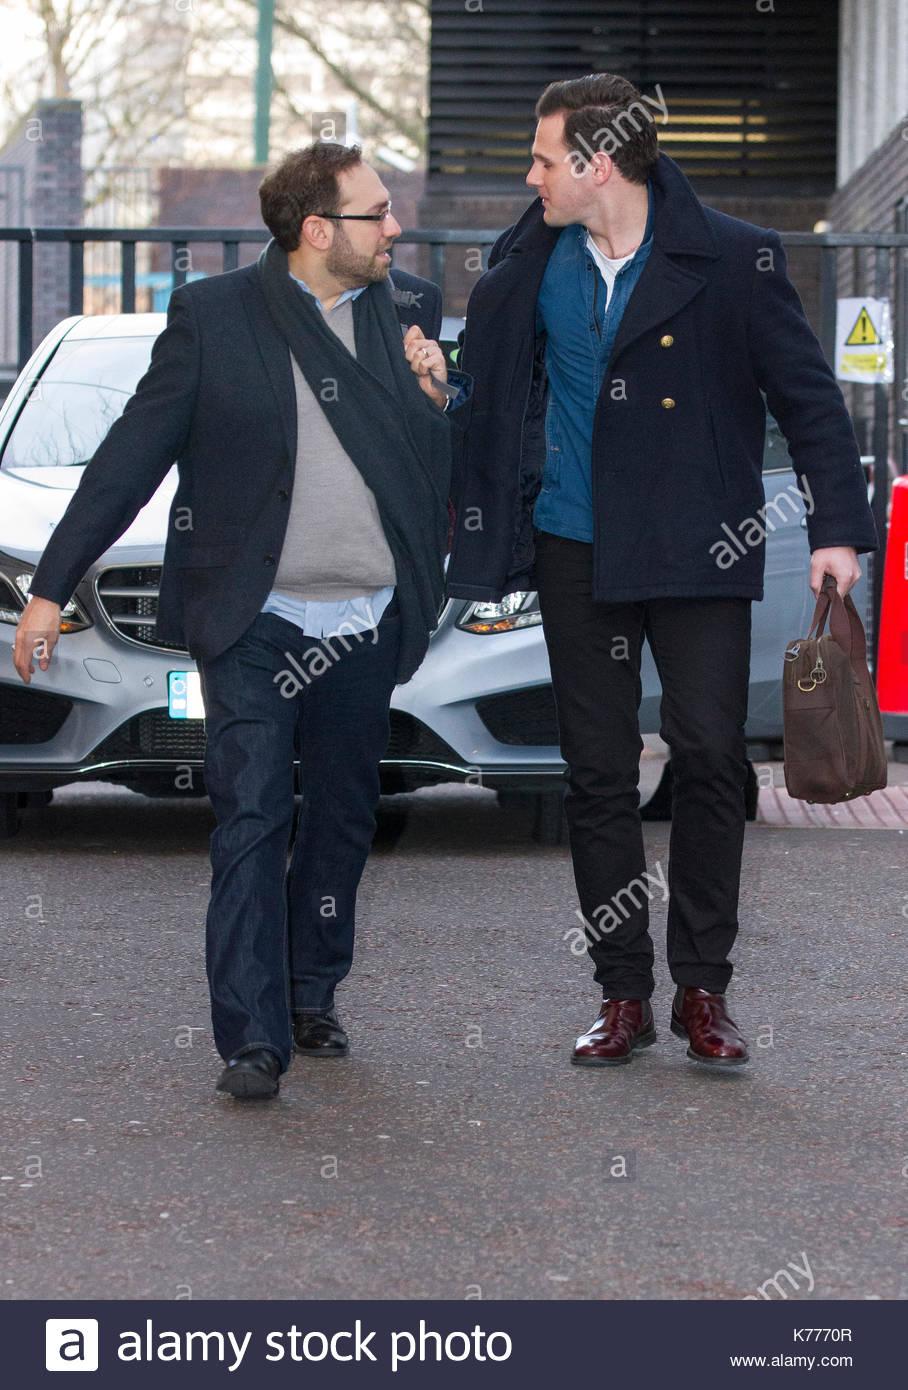 Ben Caplan and Leo Staar. Actors Ben Caplan and Leo Staar ...